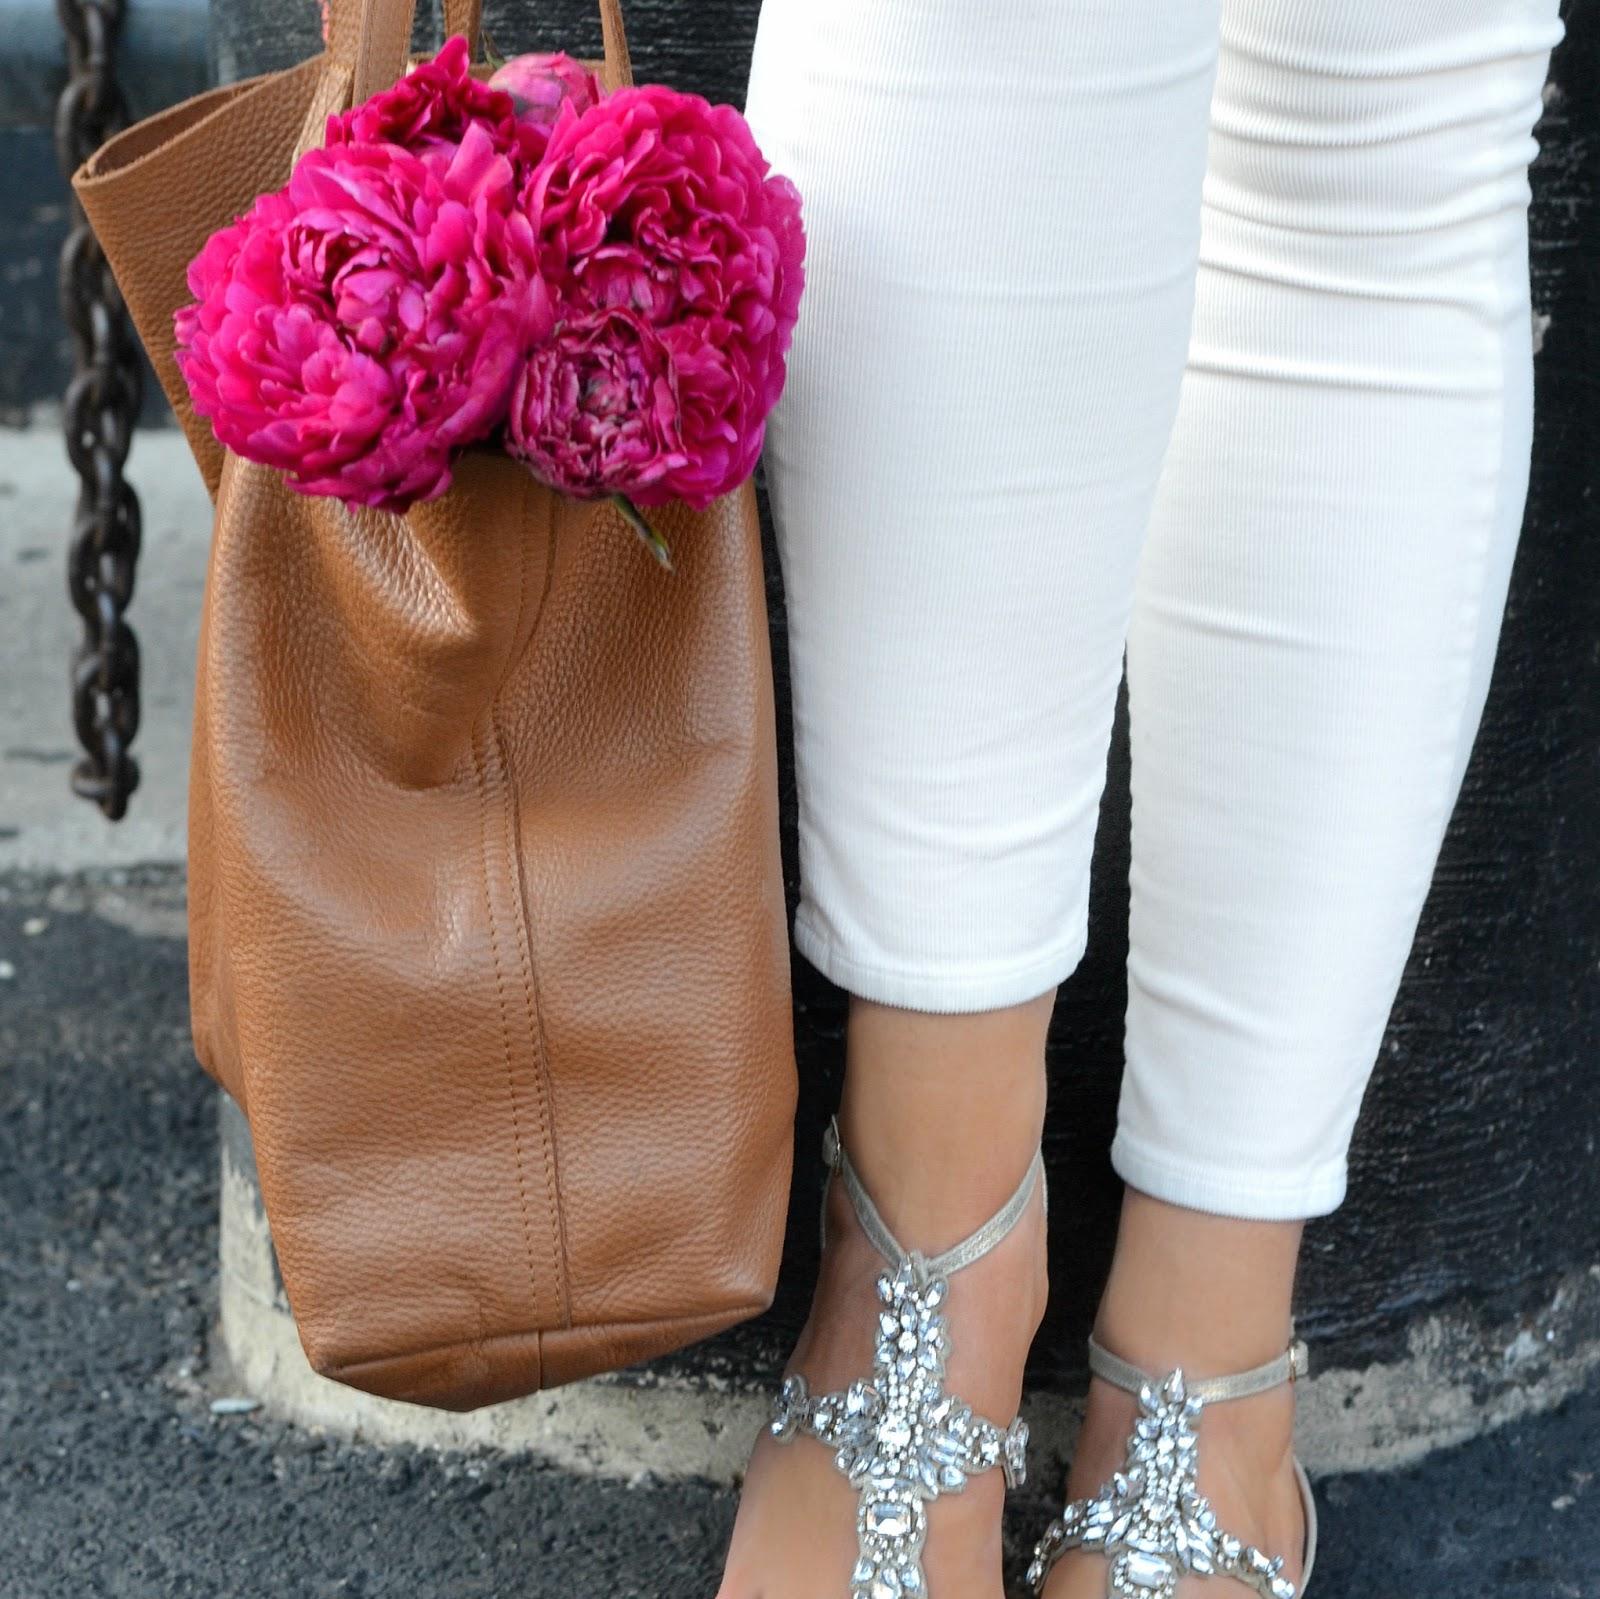 badgley mischka embellished sandals